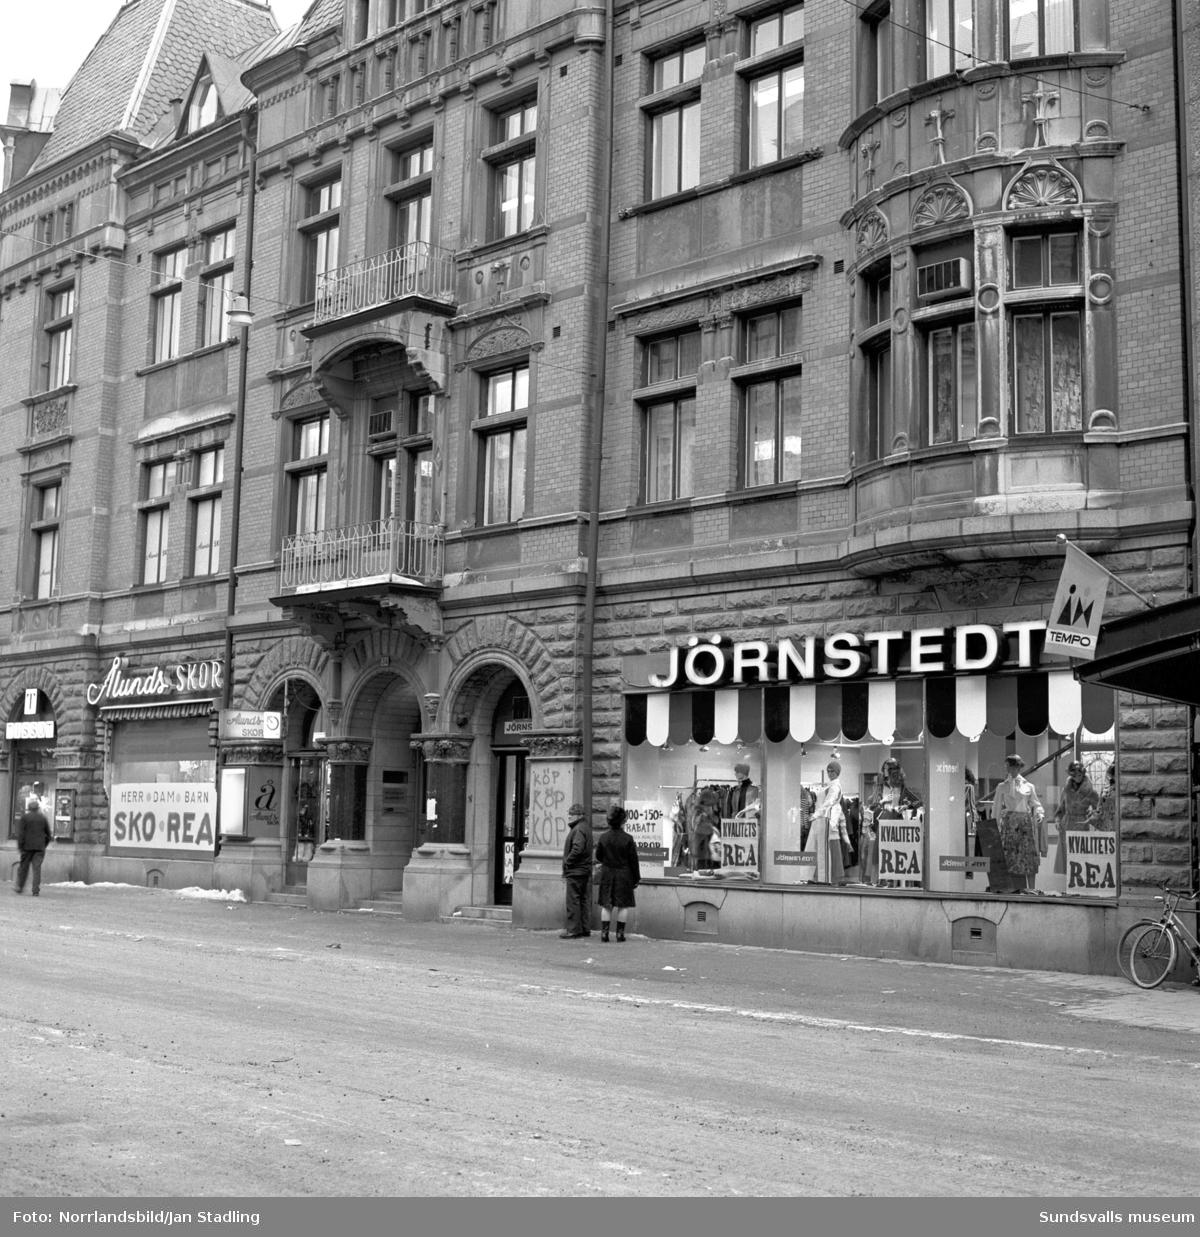 Gatuvy vid Storgatan 34 med butikerna Ålunds skor och Jörnstedt. Bild två är inifrån ett kontor i huset, Skrivbyrån.